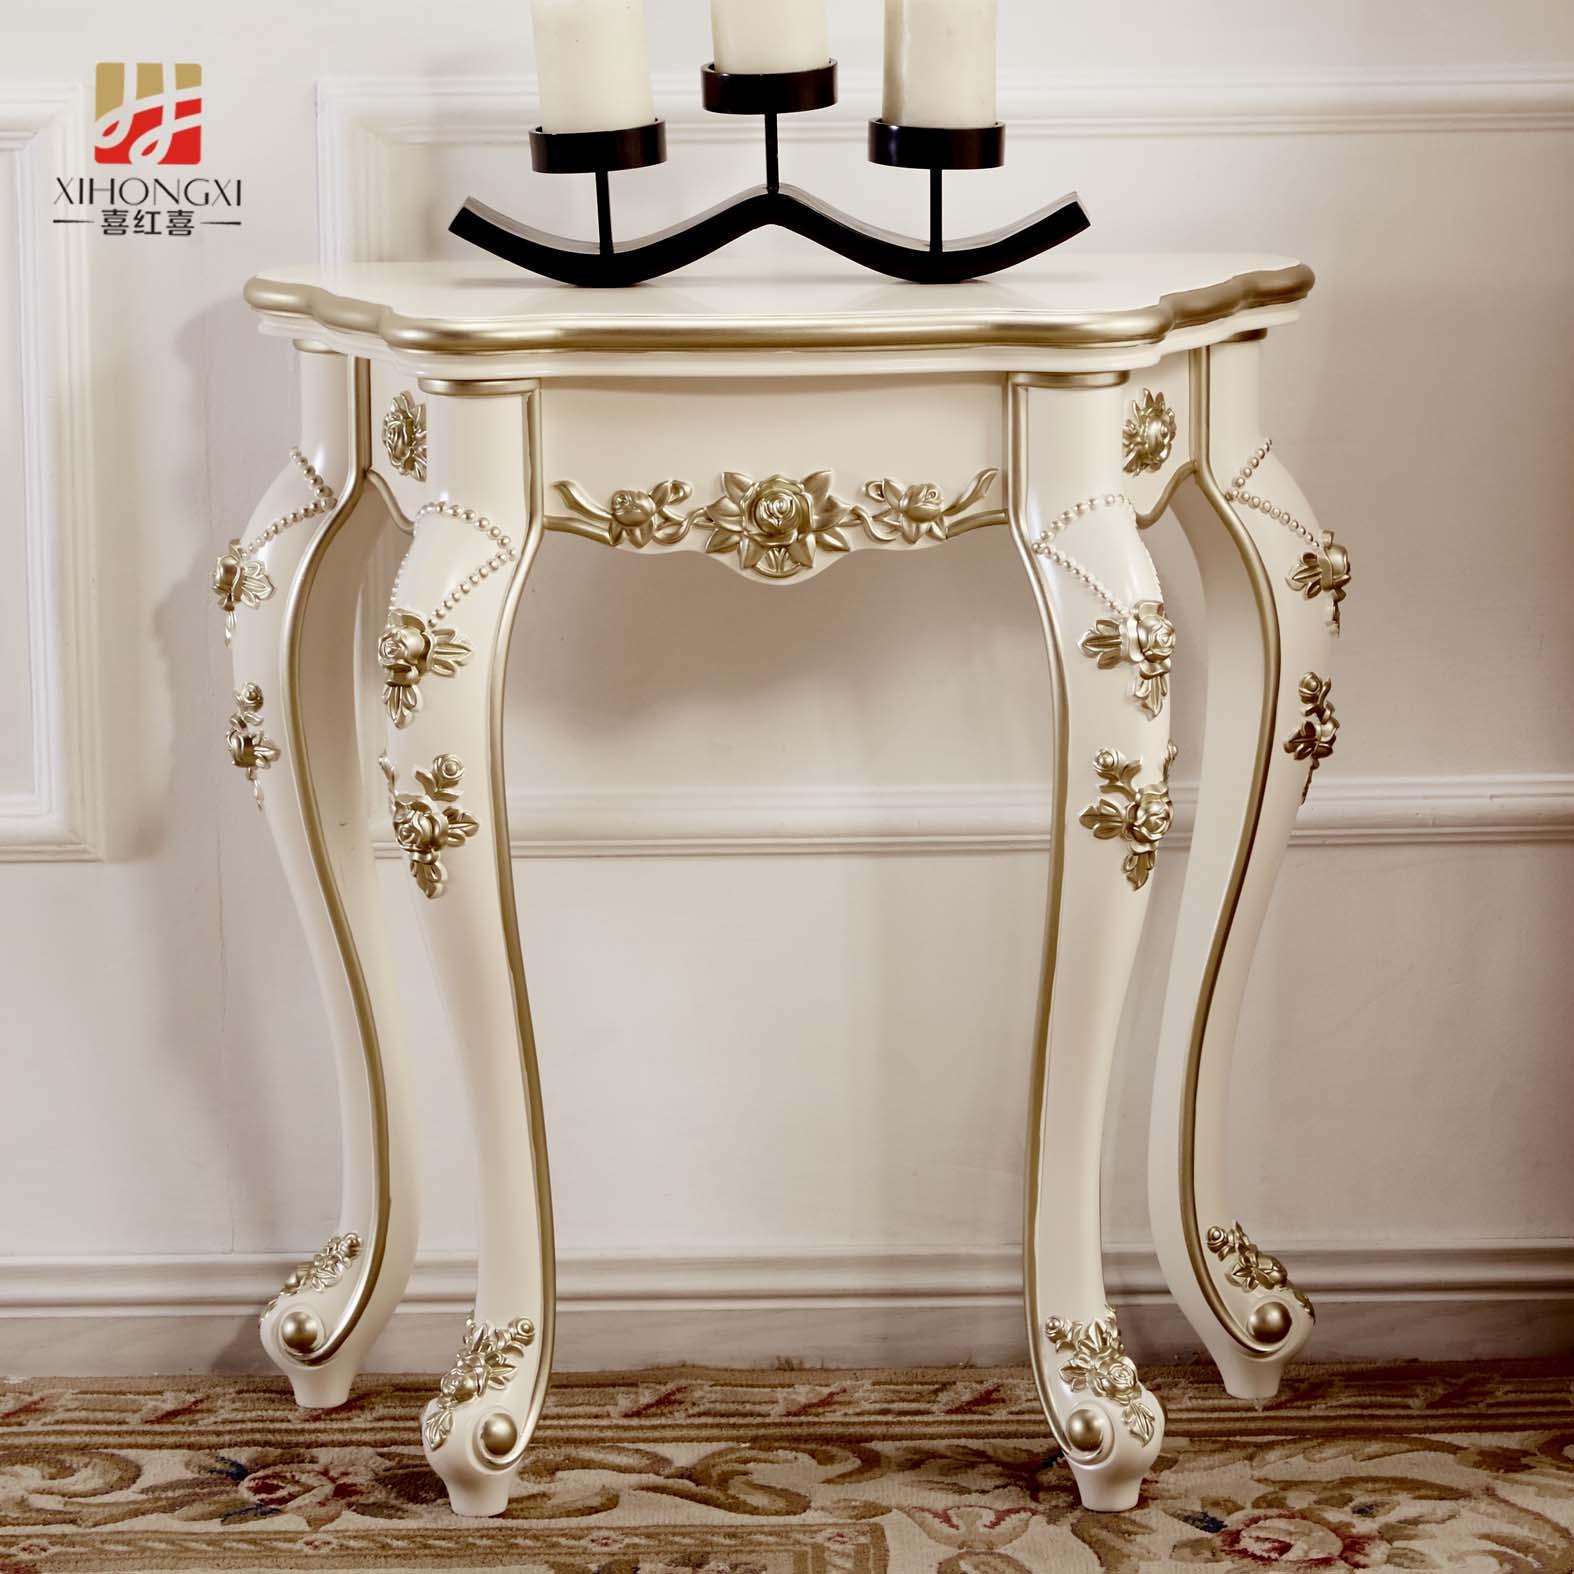 玄关桌欧式象牙白白色靠墙客厅门厅玄关柜环保玄关台半圆沙发背几